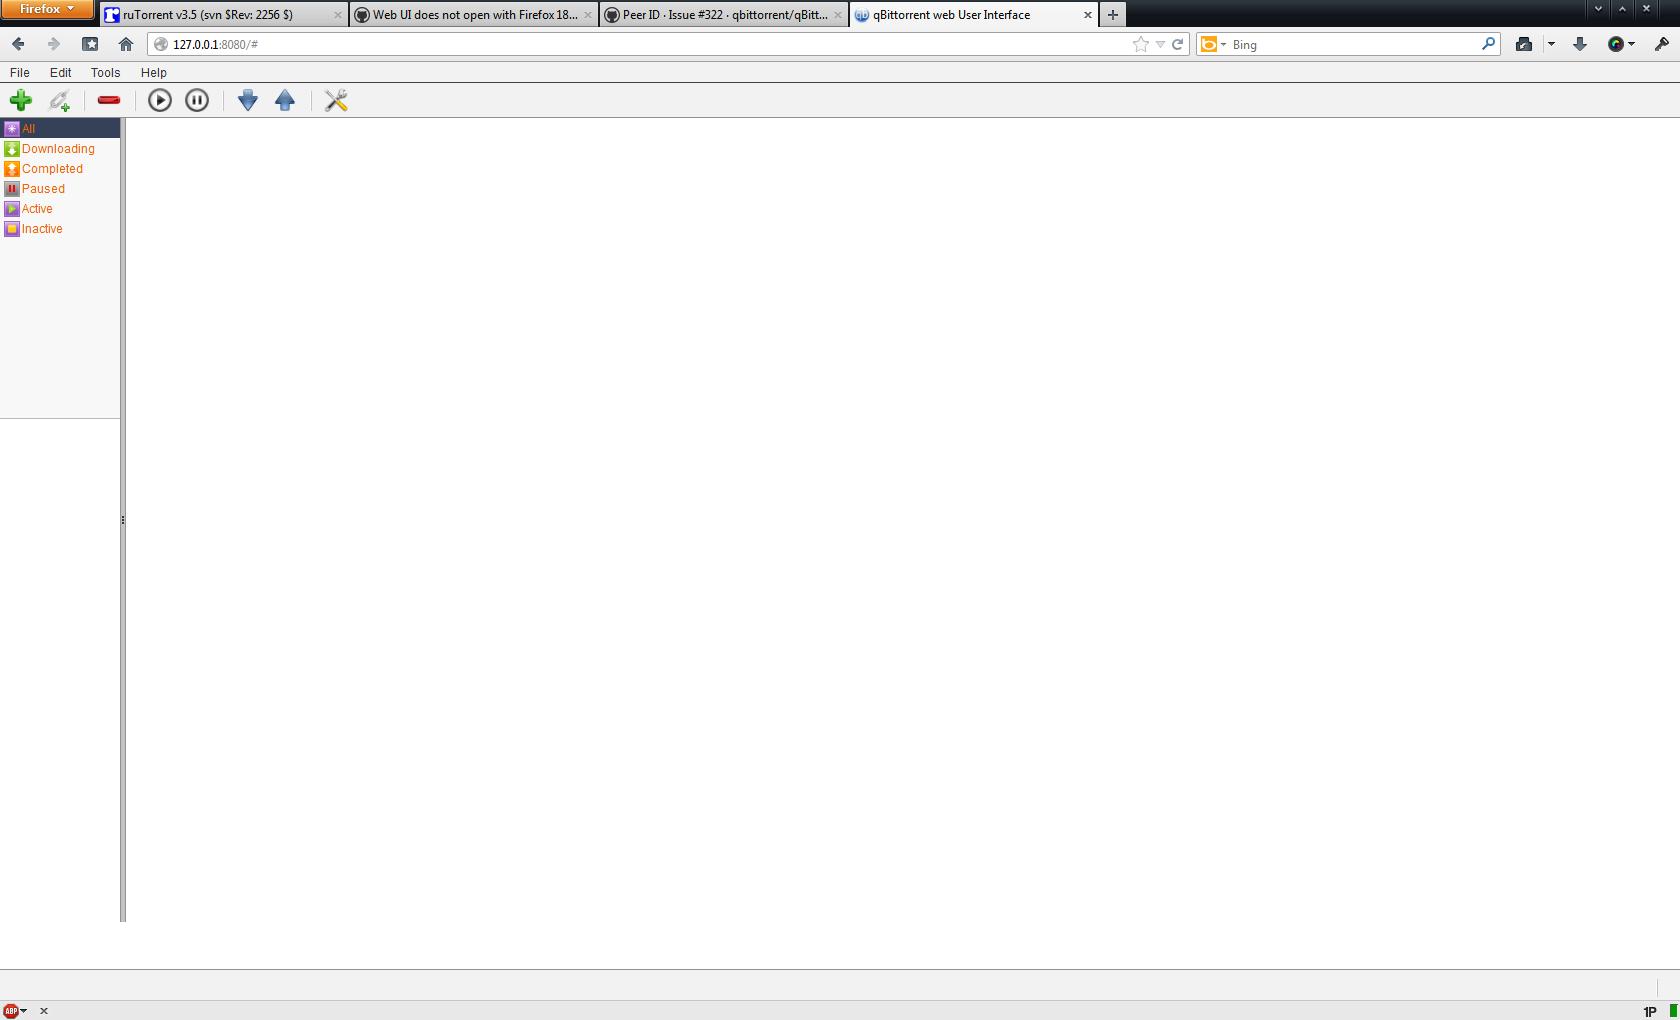 qbittorrent webui not working